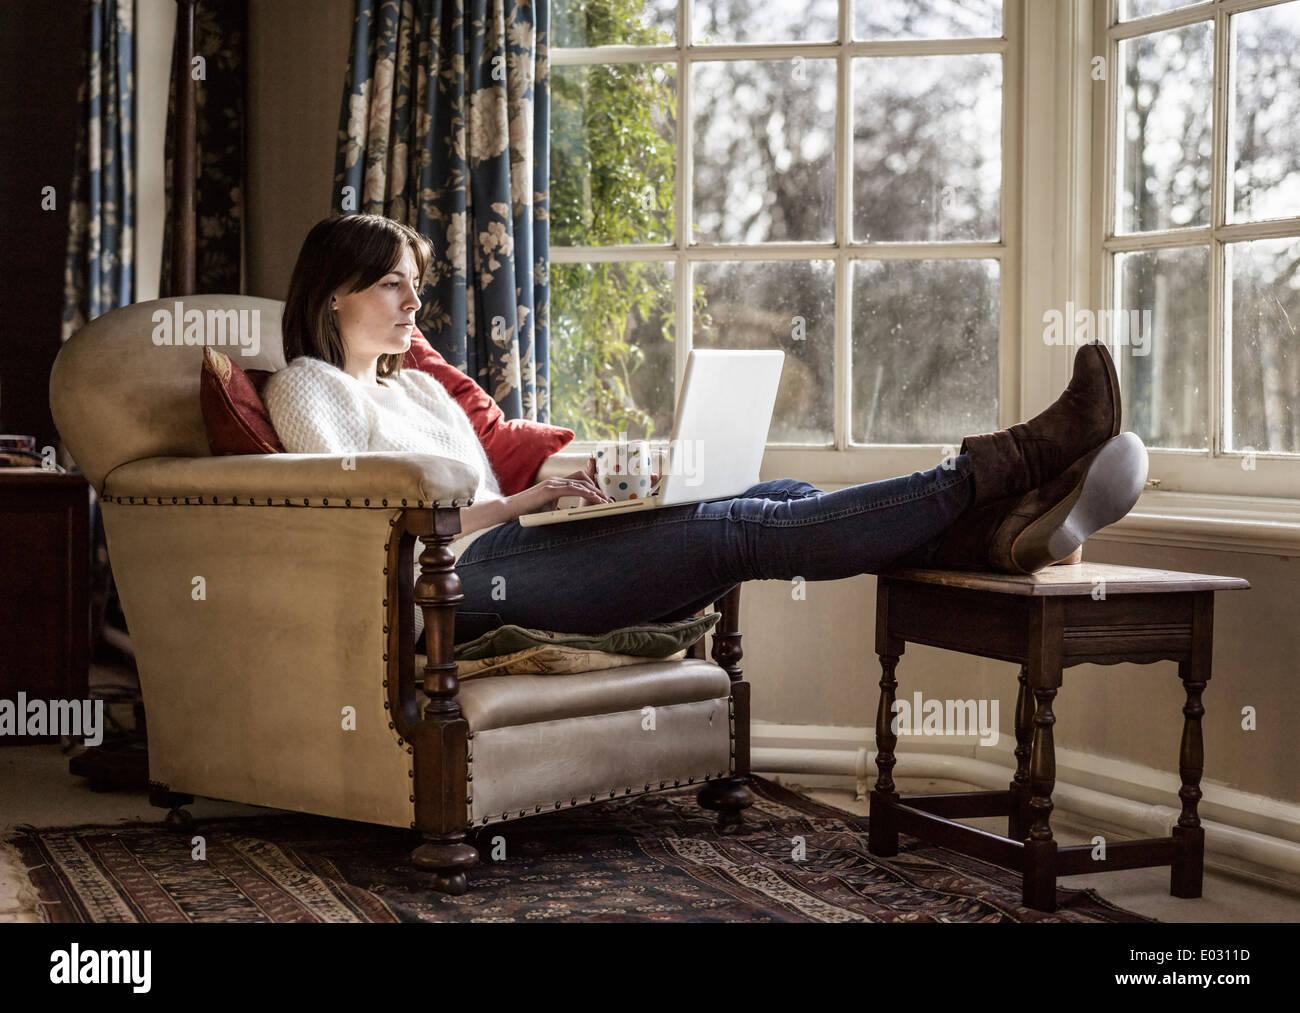 Una mujer joven para relajarse en casa con sus pies hacia arriba utilizando un ordenador portátil. Imagen De Stock